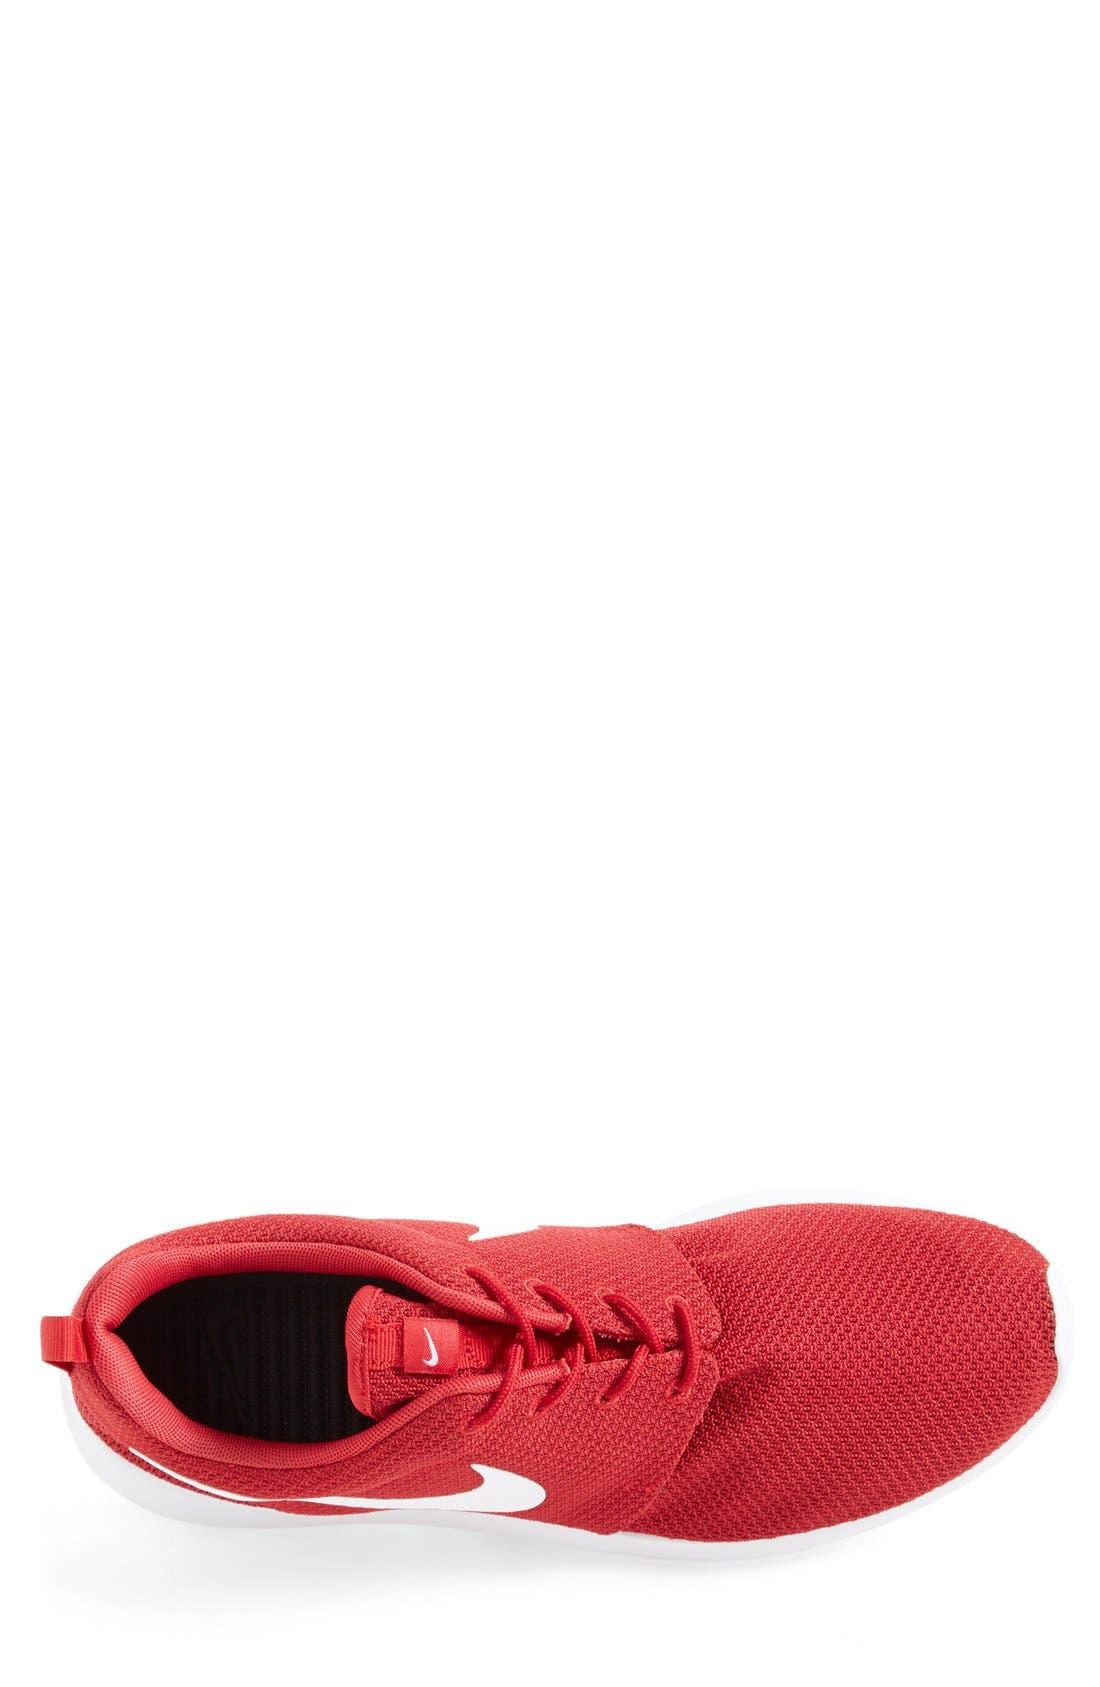 ,                             'Roshe Run' Sneaker,                             Alternate thumbnail 133, color,                             612